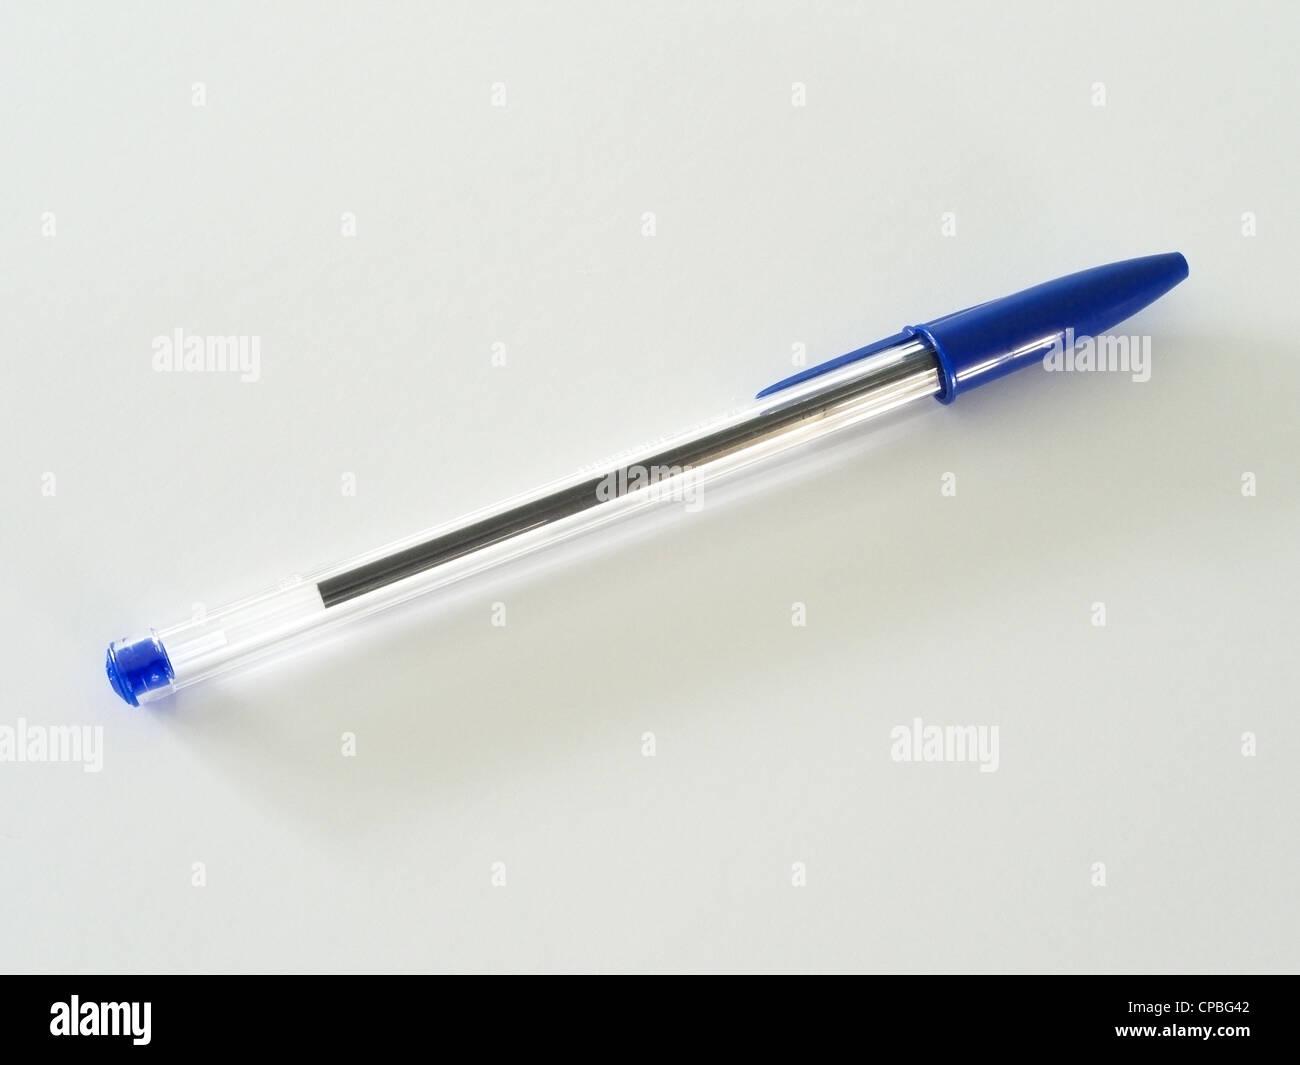 Un stylo bic cristal bleu sur fond blanc Photo Stock